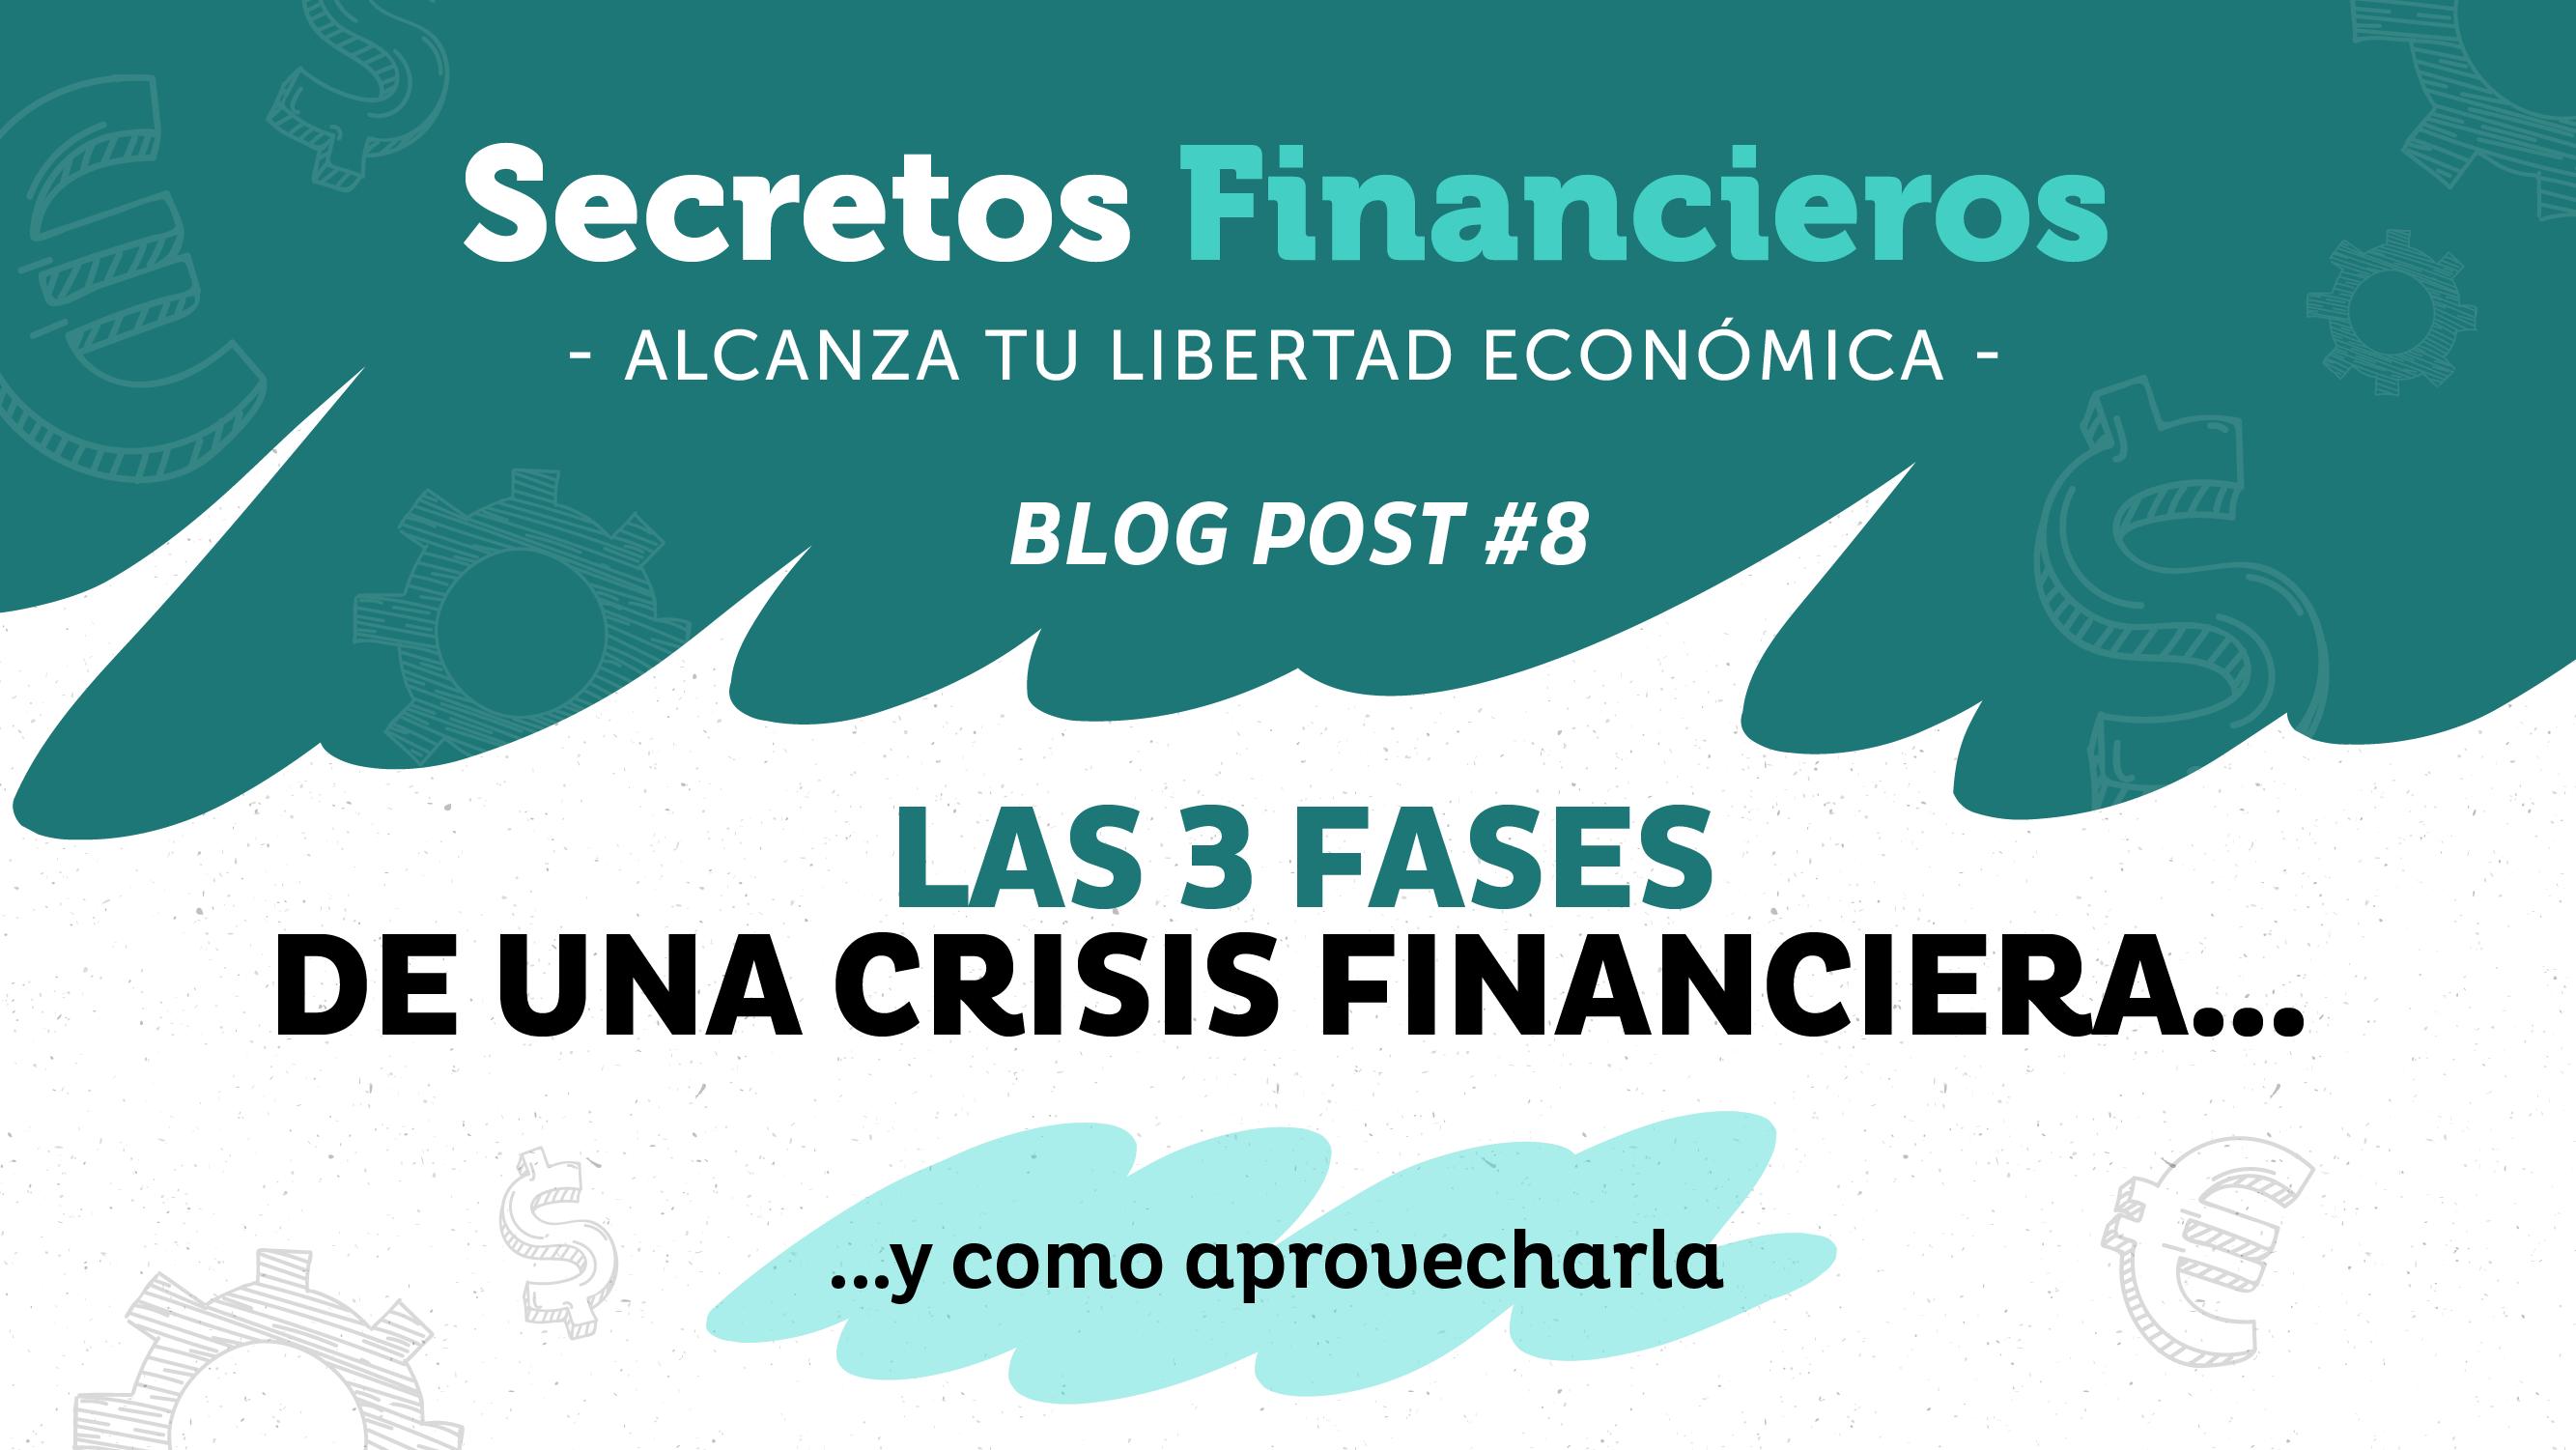 Las 3 fases de una crisis financiera y como aprovecharla